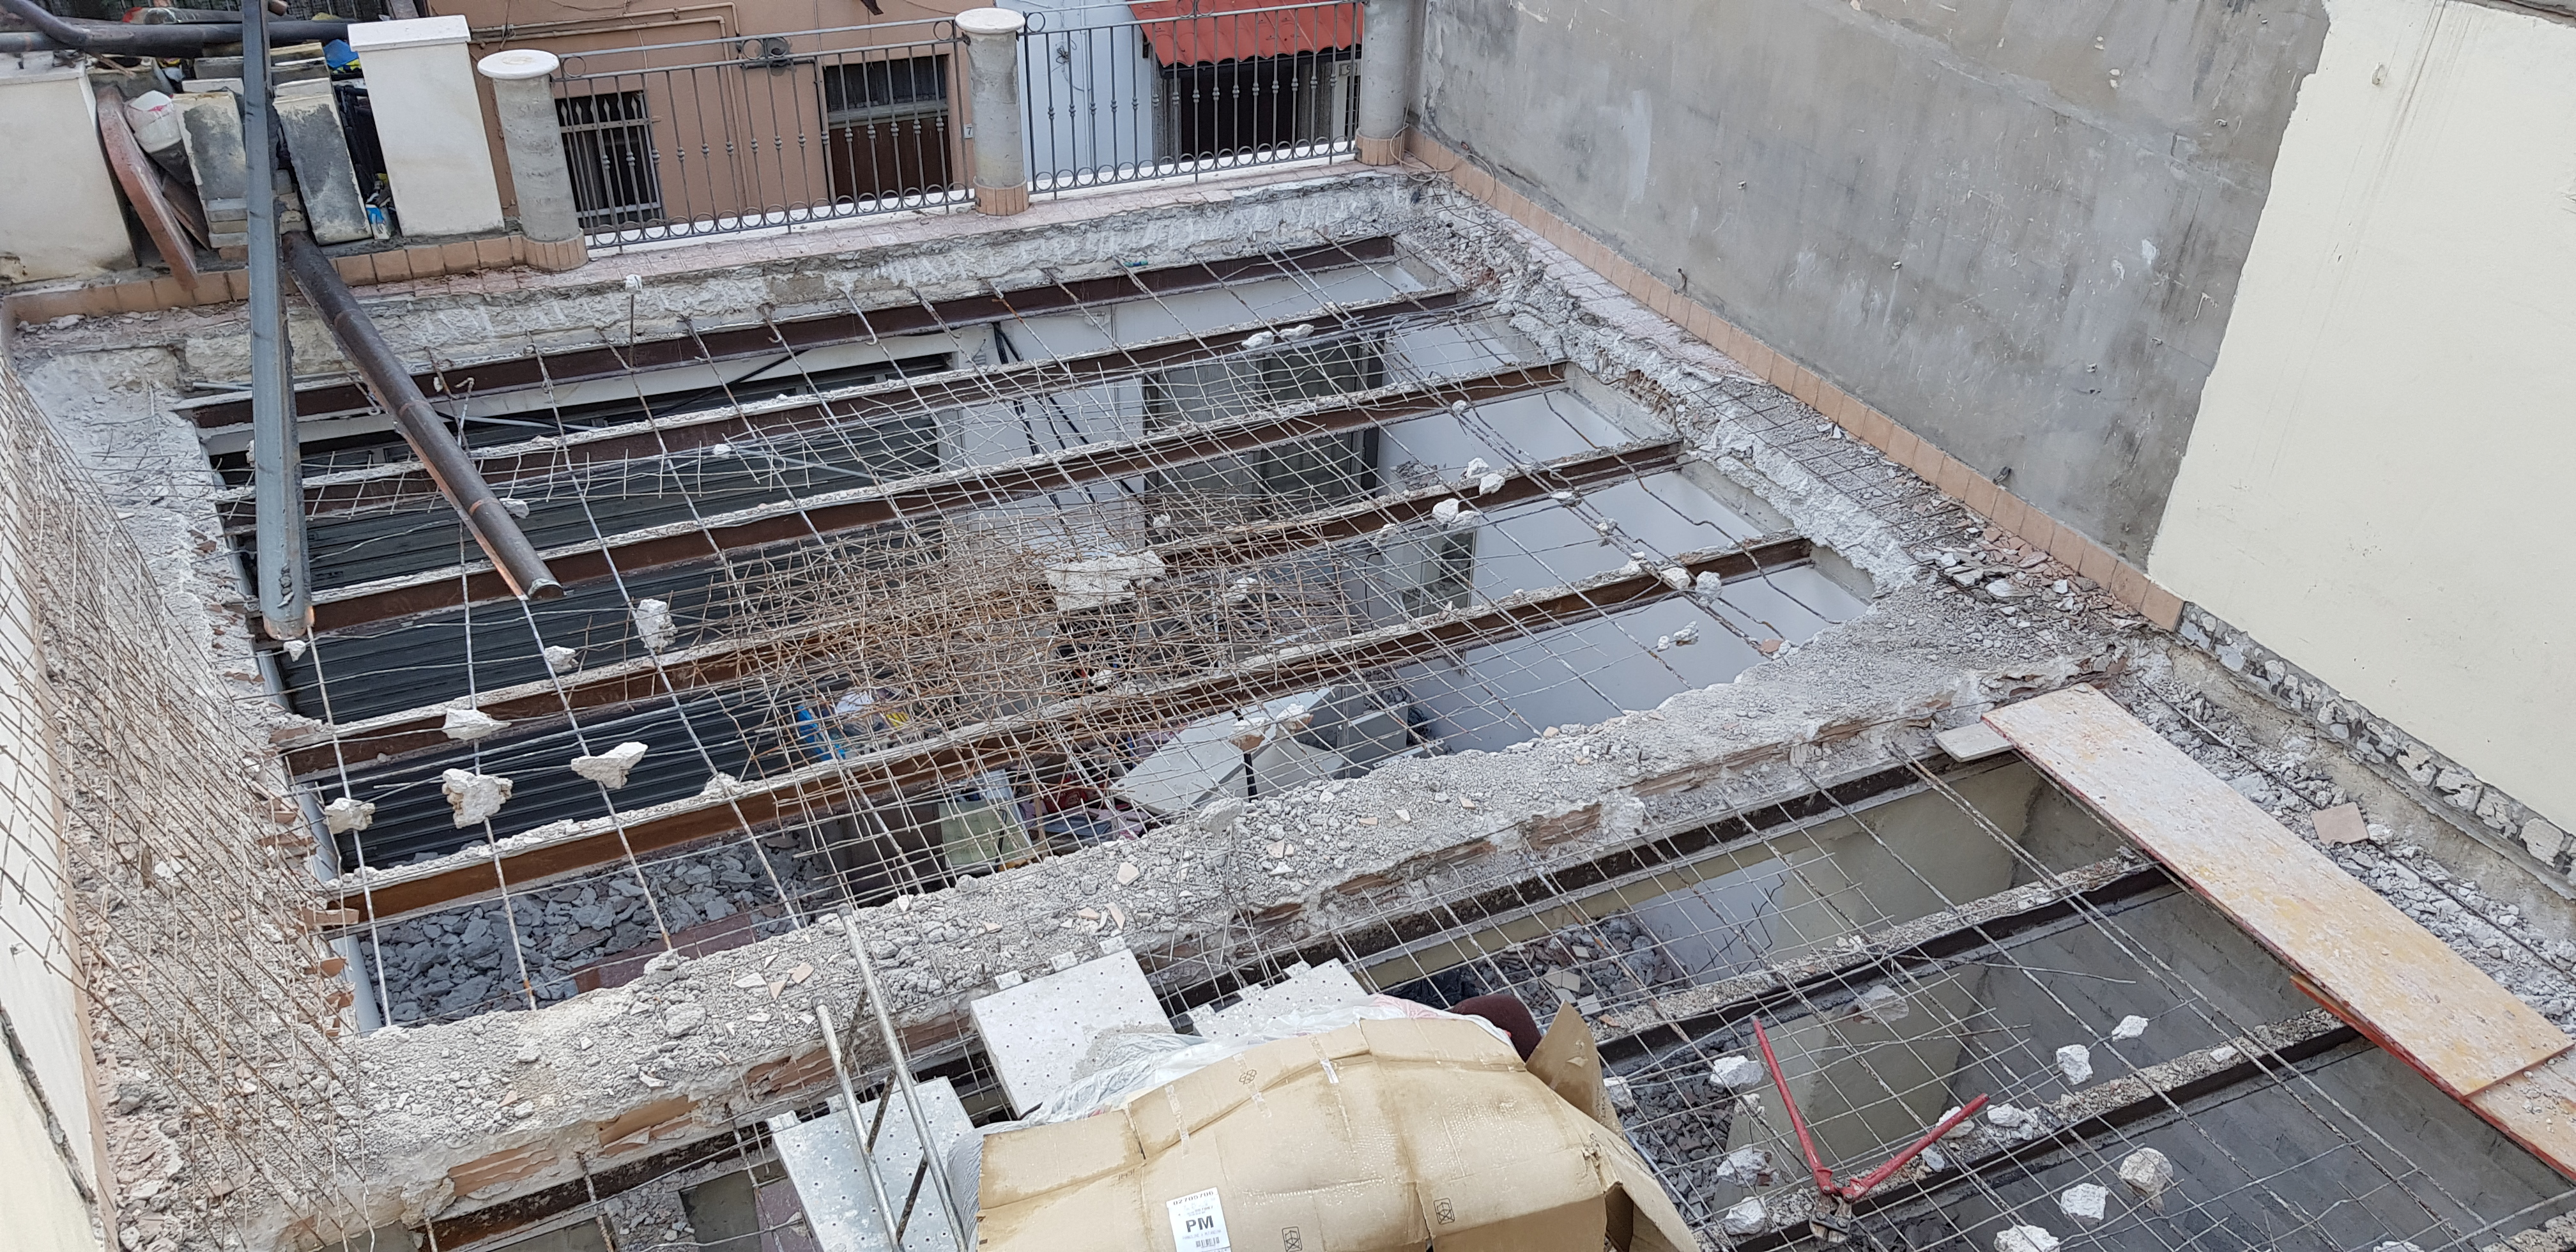 costruzione, ricostruzione, adeguamento sismico, abruzzo, l'aquila, pratola peligna, infotecnica, studio infotecnica, riqualificazione, arhitettura, riqualificazione architettonica